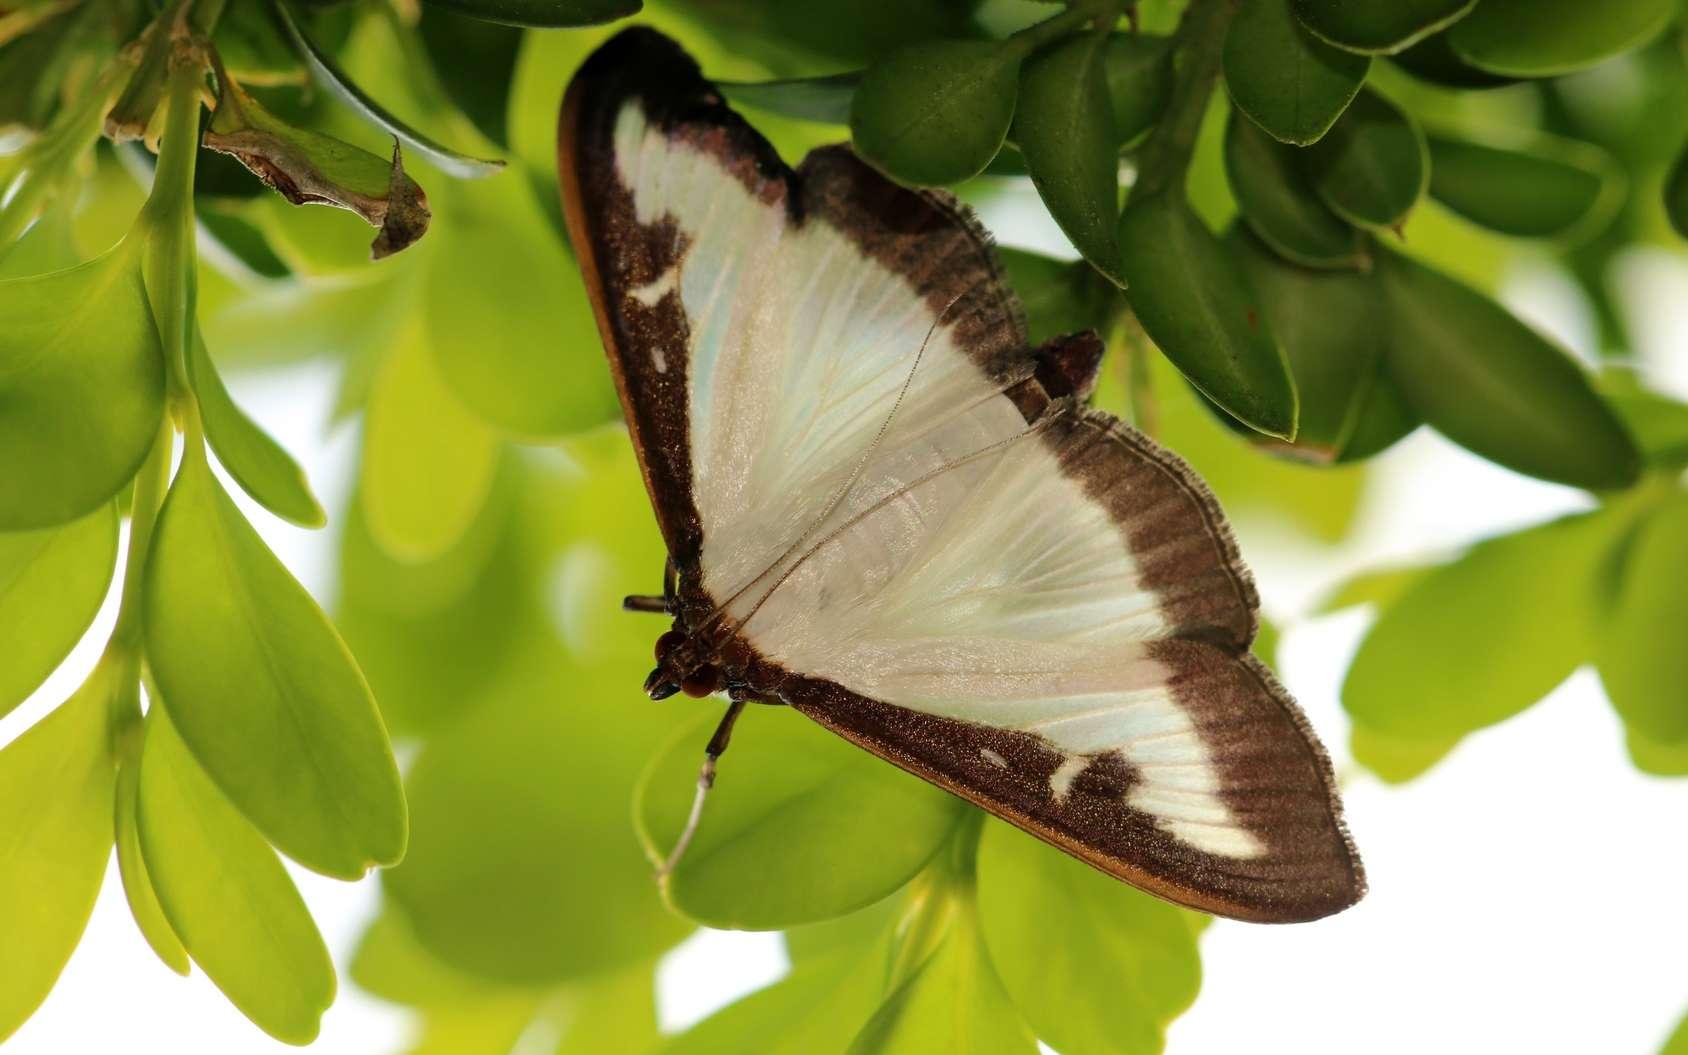 La pyrale du buis est un bien joli papillon mais elle fait des ravages dans les buis. © Eileen Kumpf, Fotolia